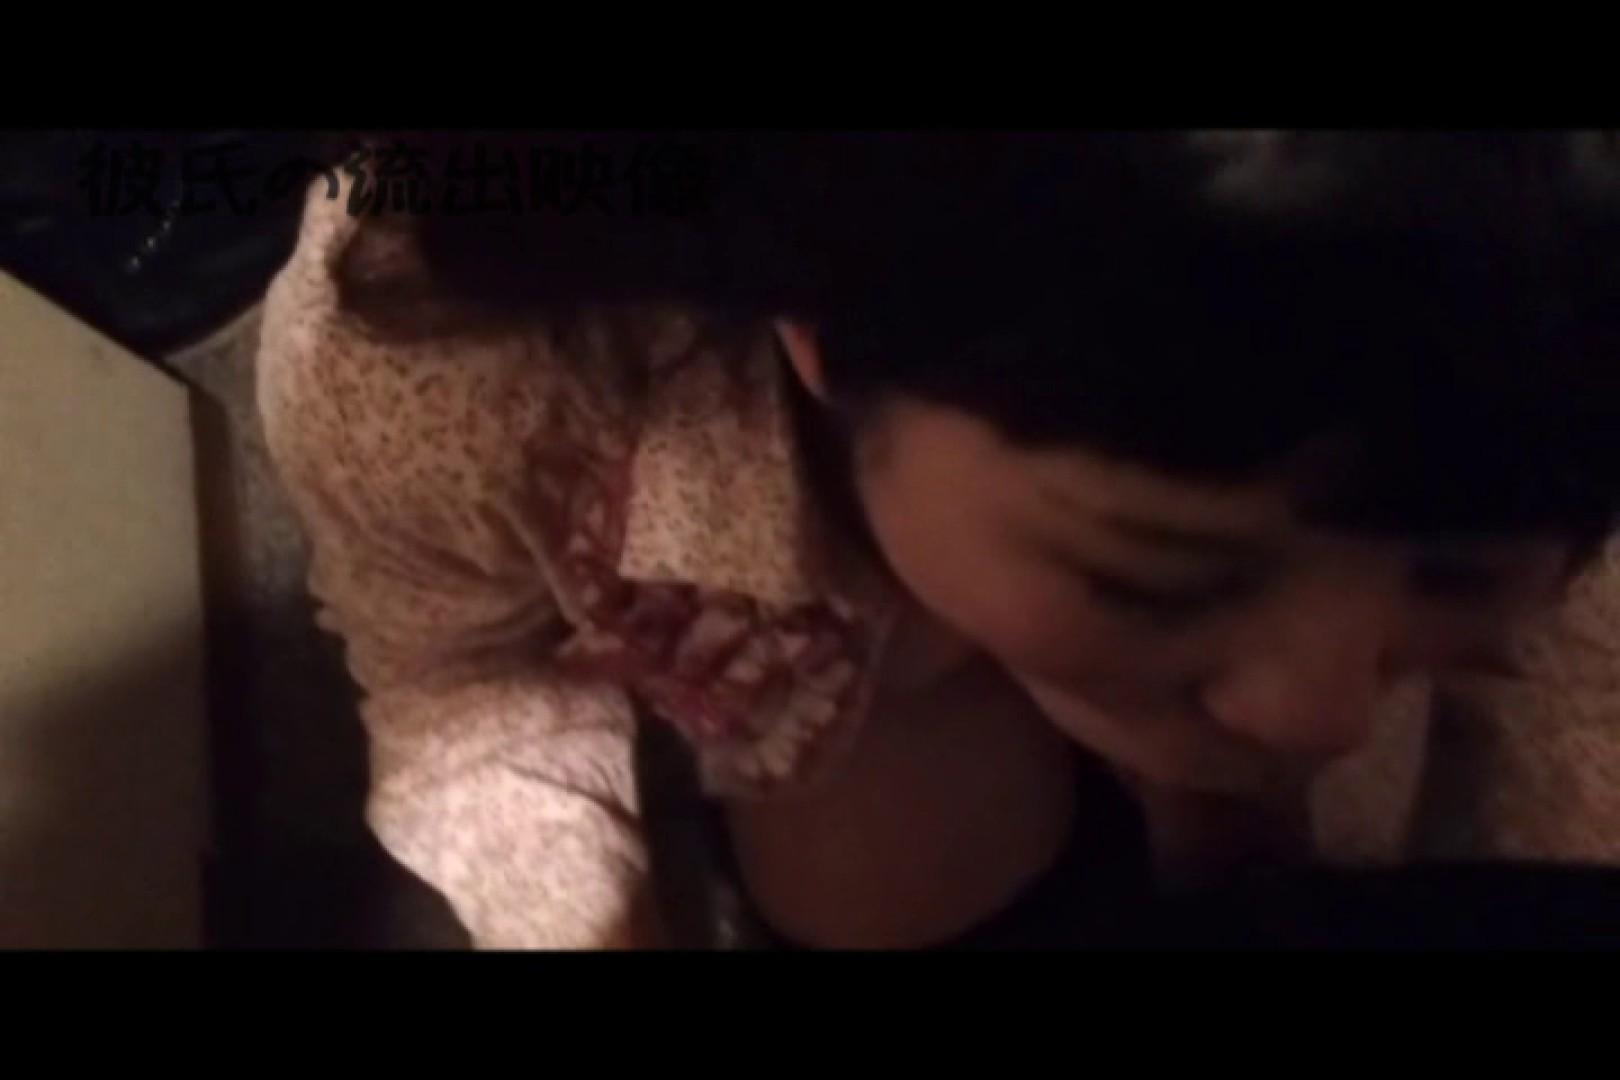 彼氏が流出 パイパン素人嬢のハメ撮り映像03 カップル | 可愛いパイパン  92pic 55